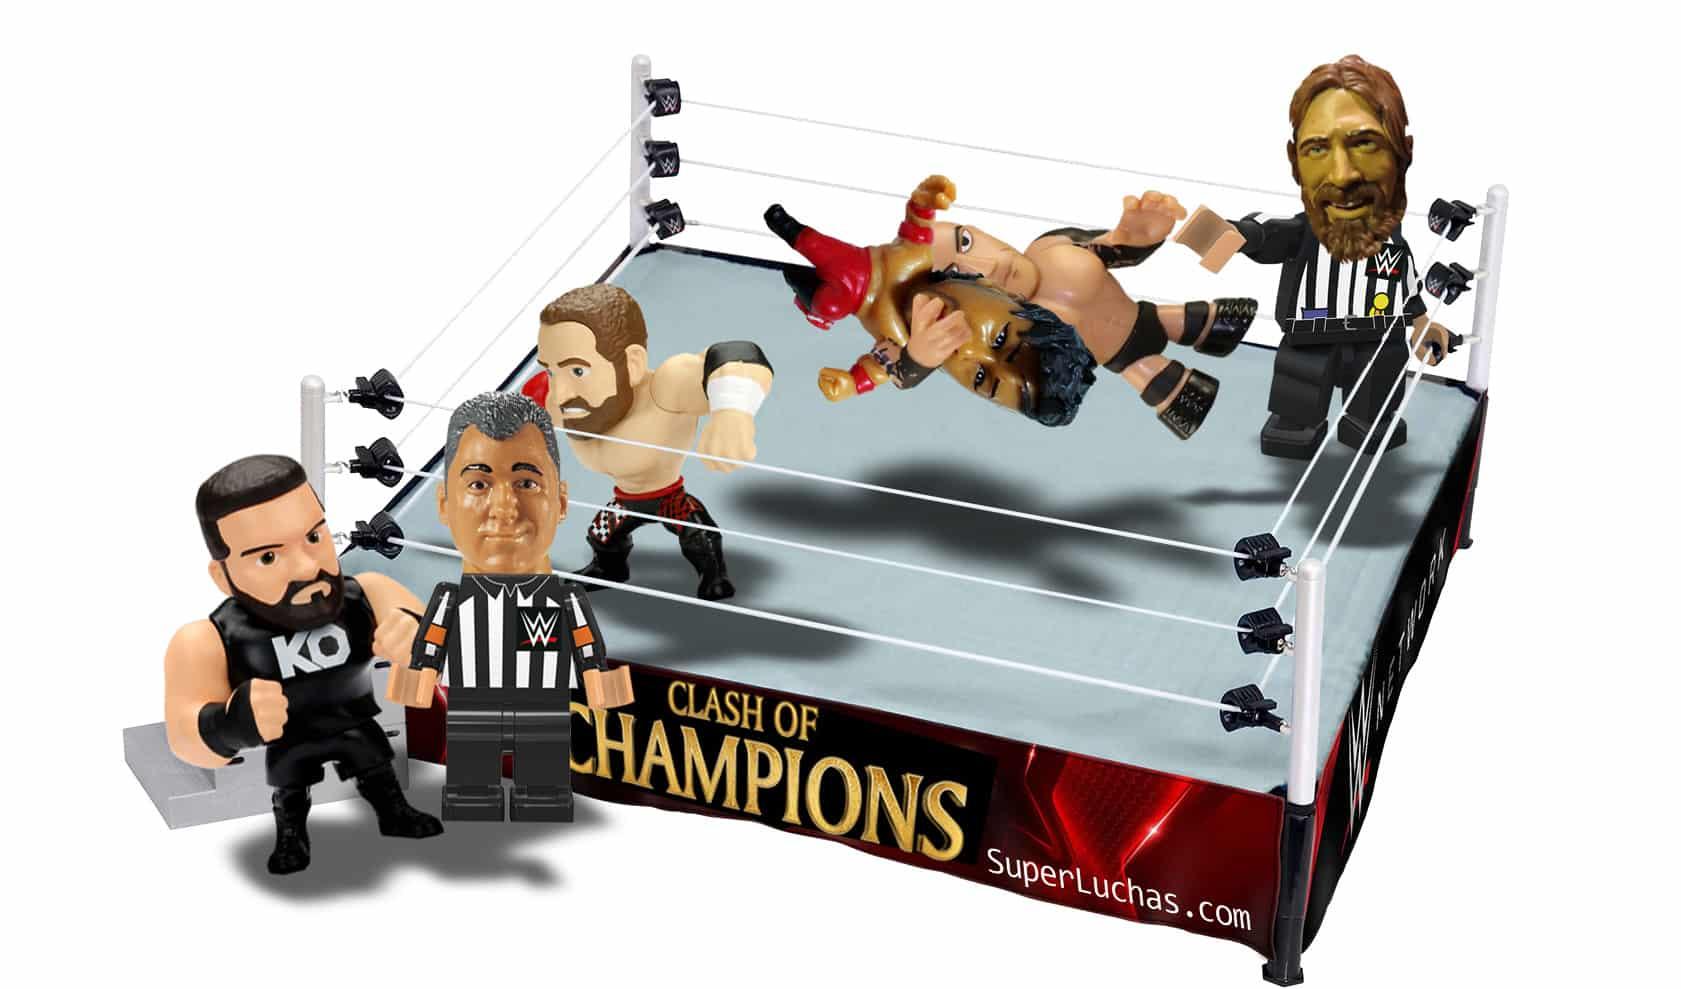 Tres posibles escenarios para la lucha estelar de Clash of Champions 4